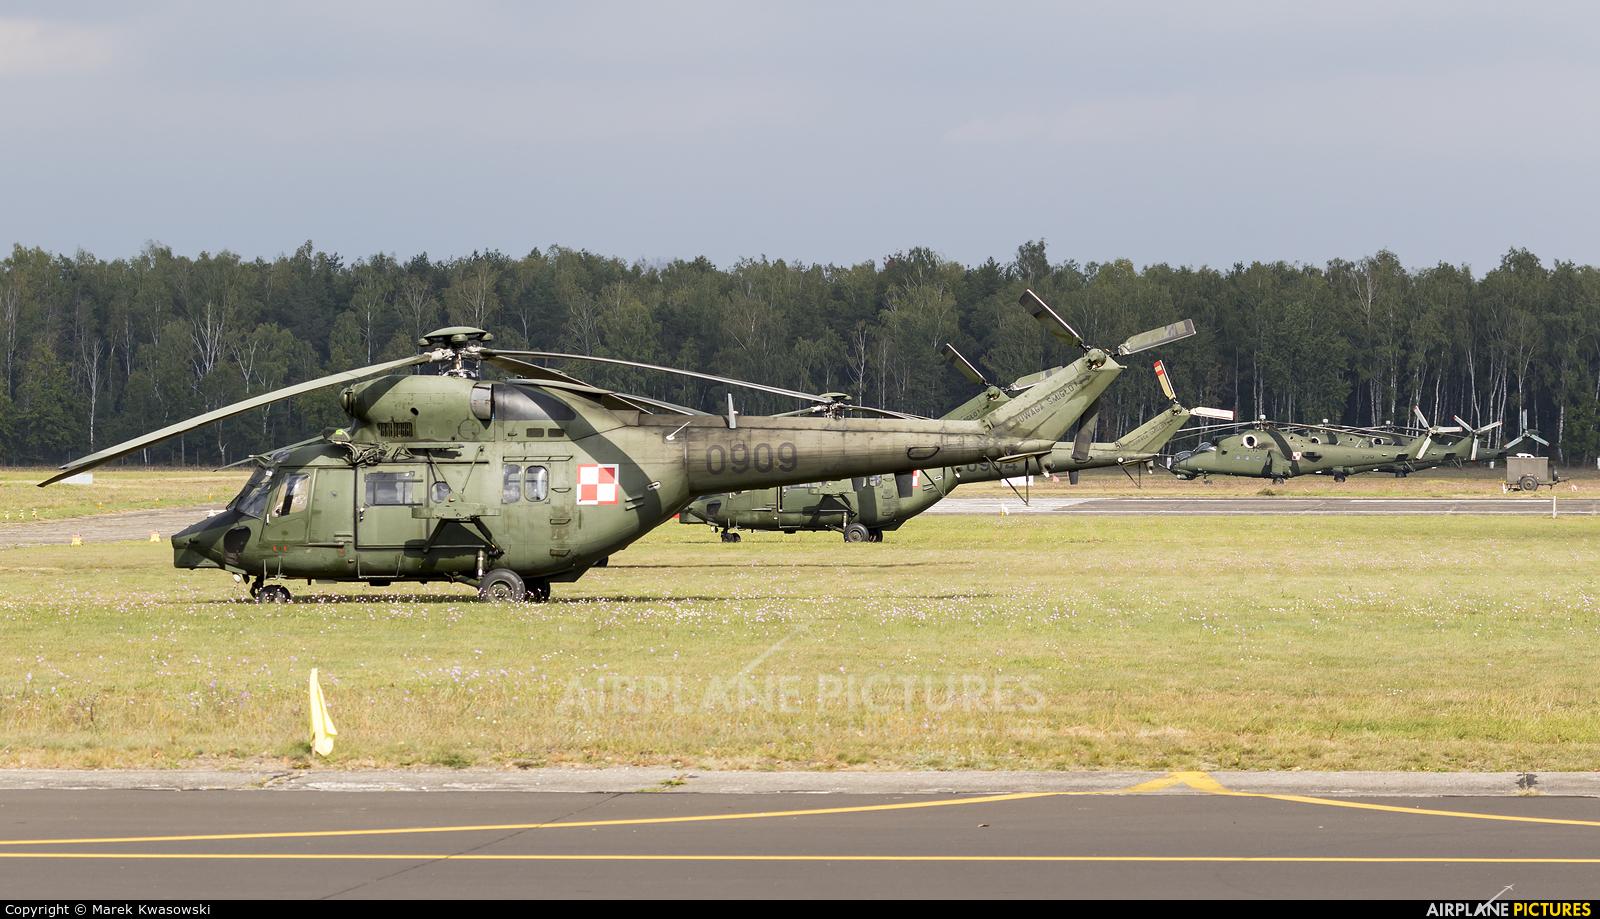 Poland - Army 0909 aircraft at Warsaw - Babice